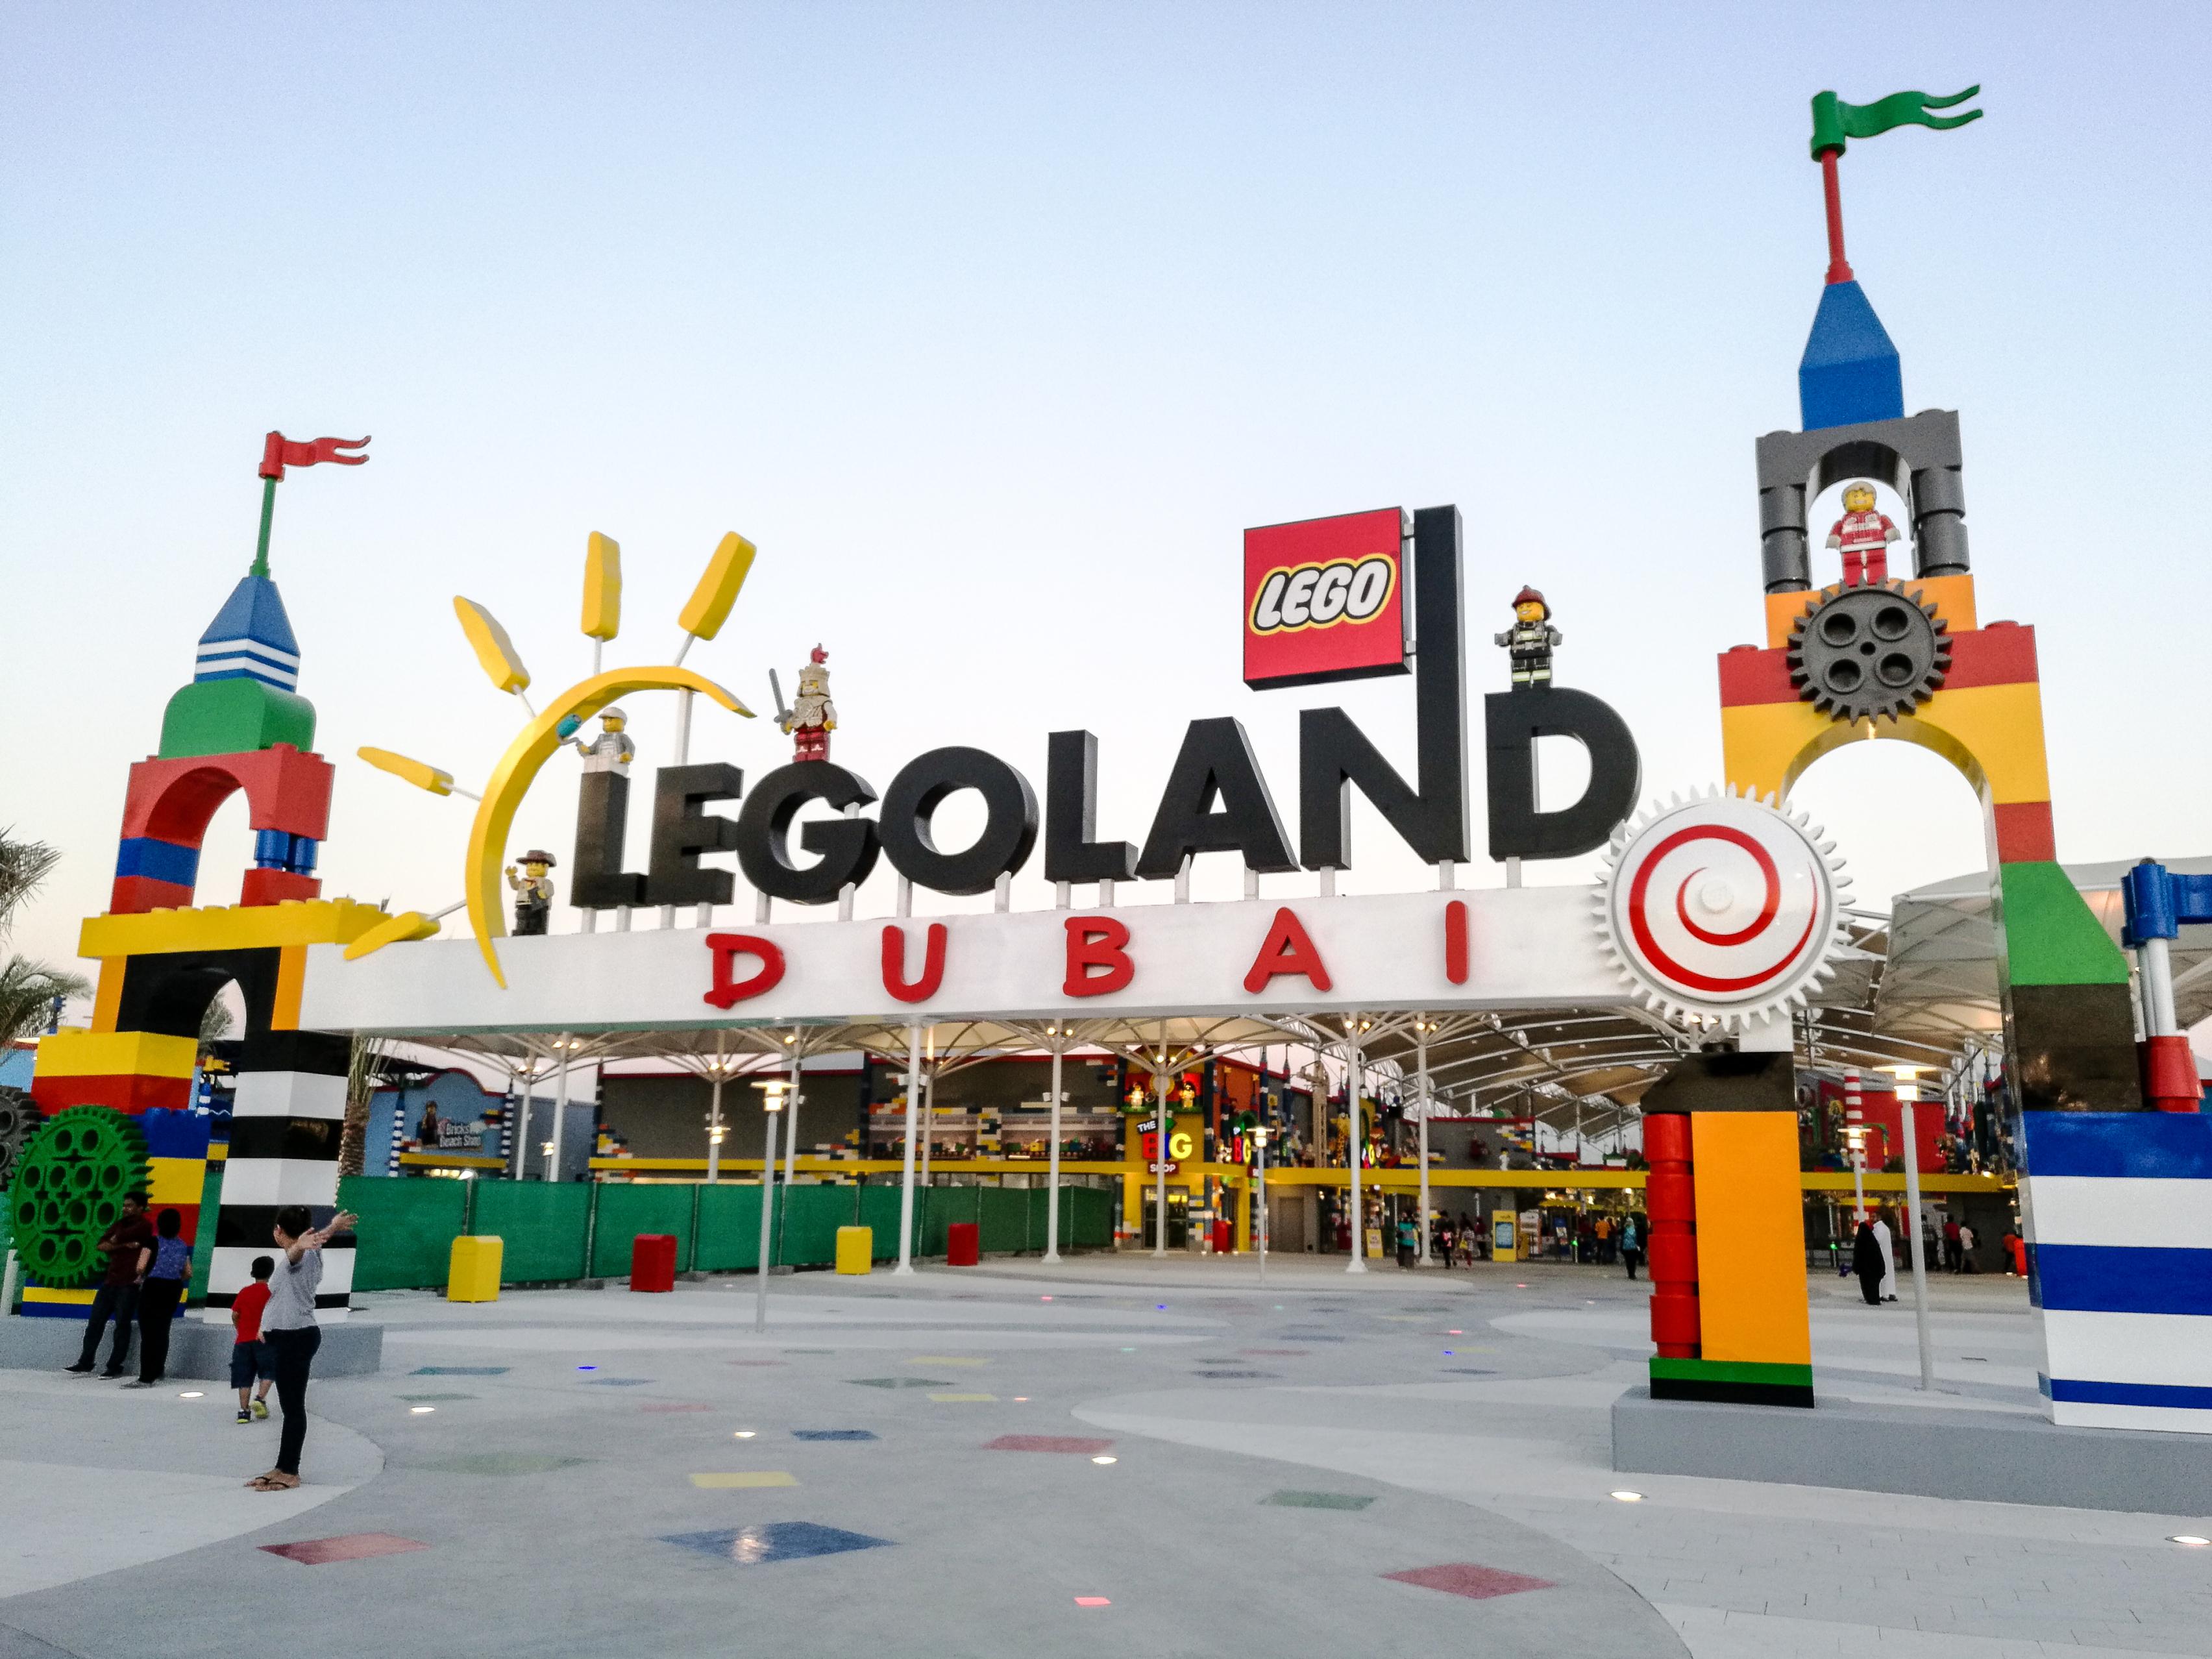 Legoland Dubai | Dubai, United Arab Emirates Attractions ...